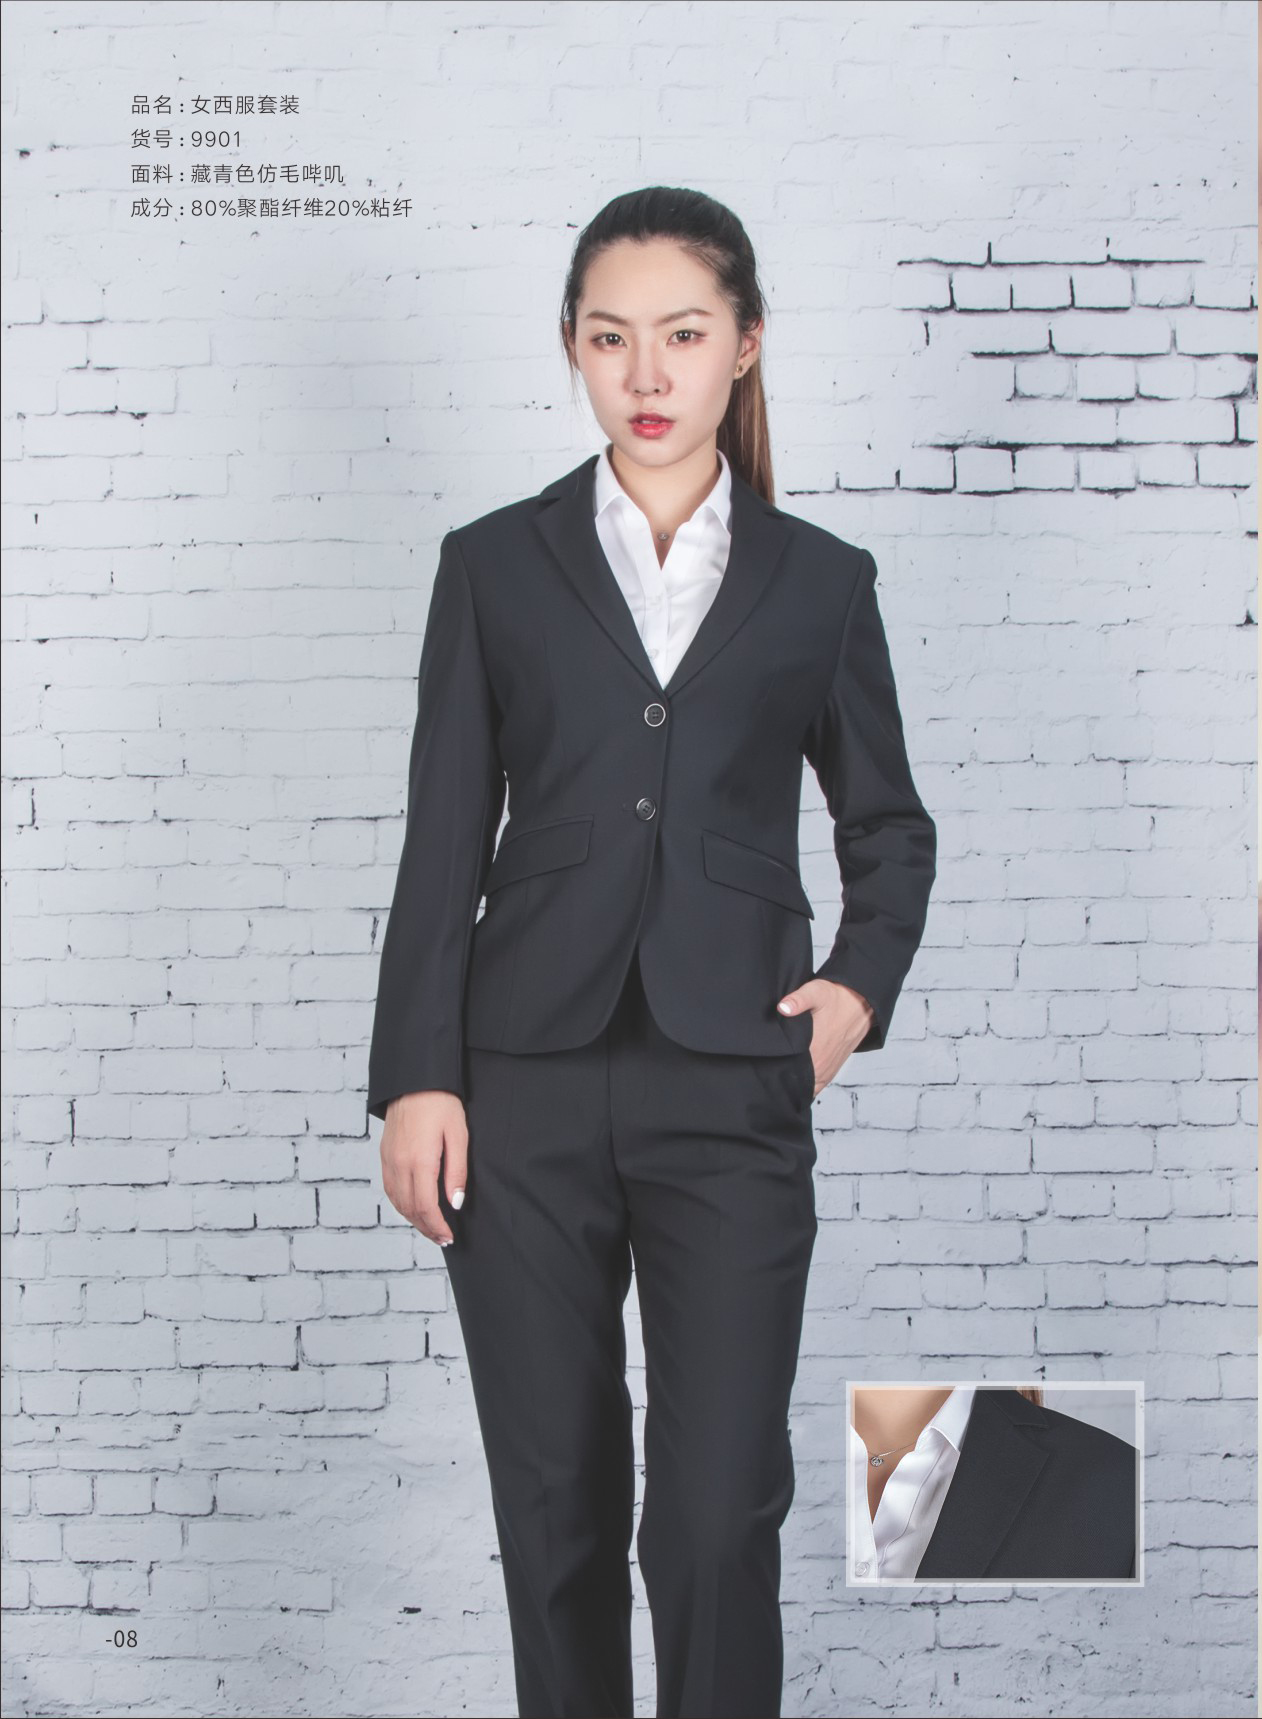 上海职业西服销售厂家,西服